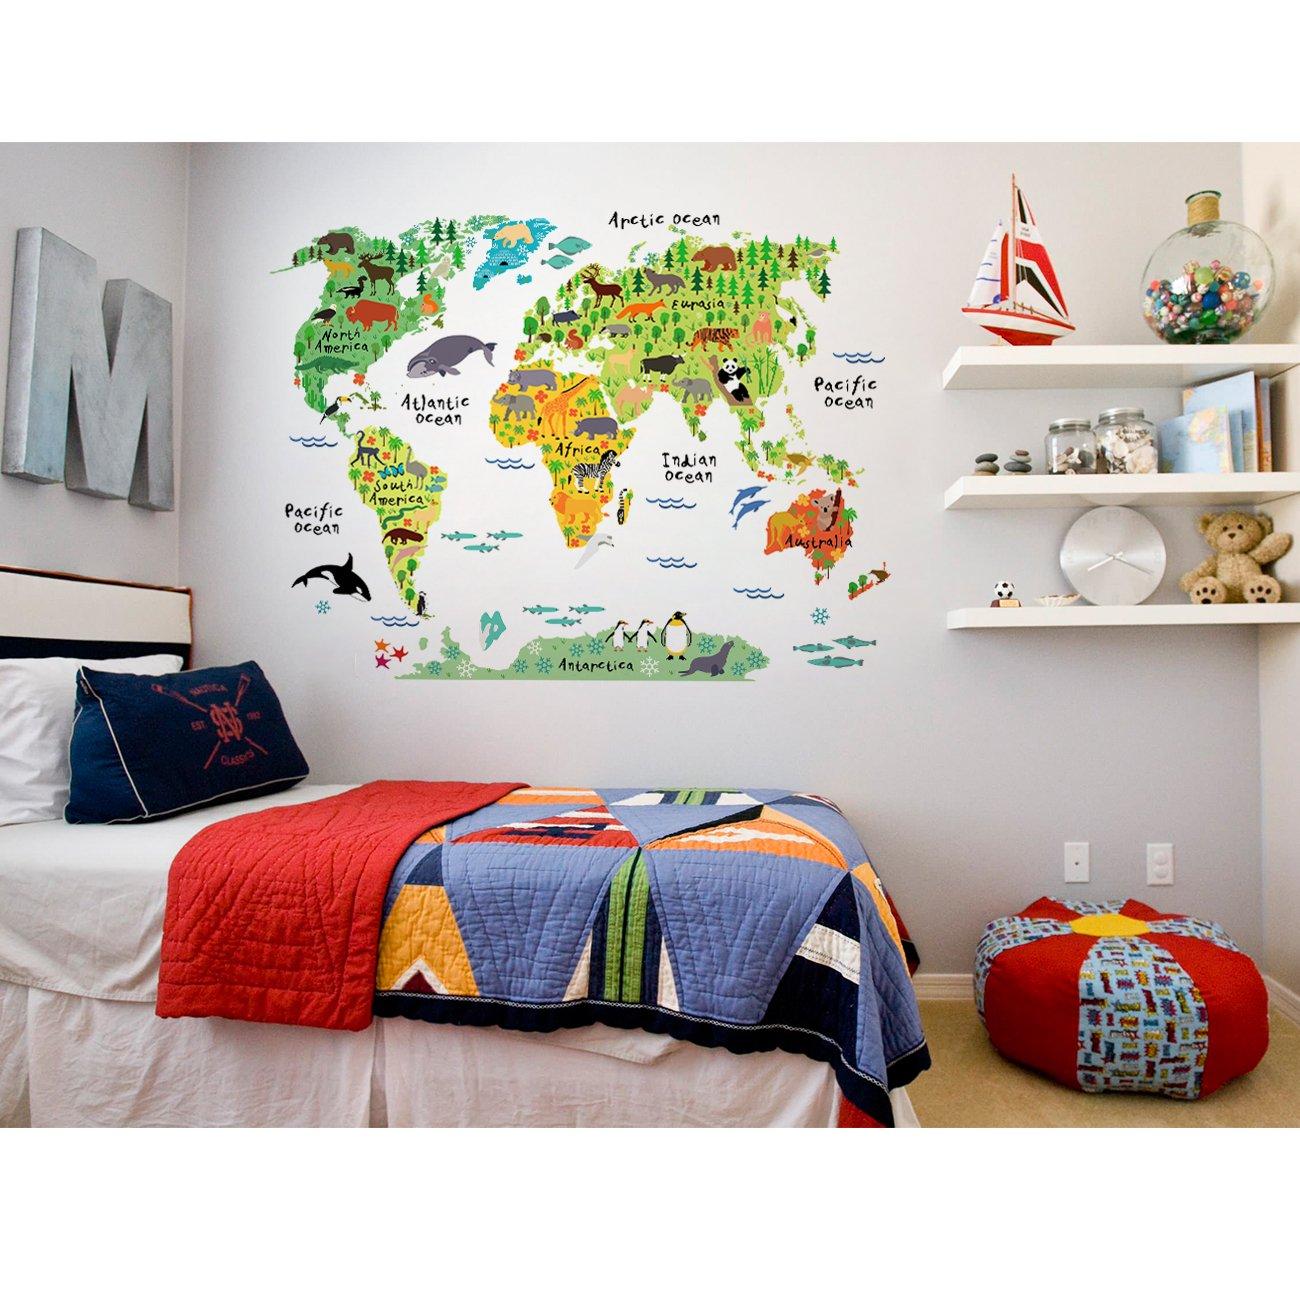 HUABEI Stickers Muraux Carte du Monde Enfant Animaux Autocollants Pour Enfants Decoration Murale Parfait Pour /Éducatifs et Home Decor